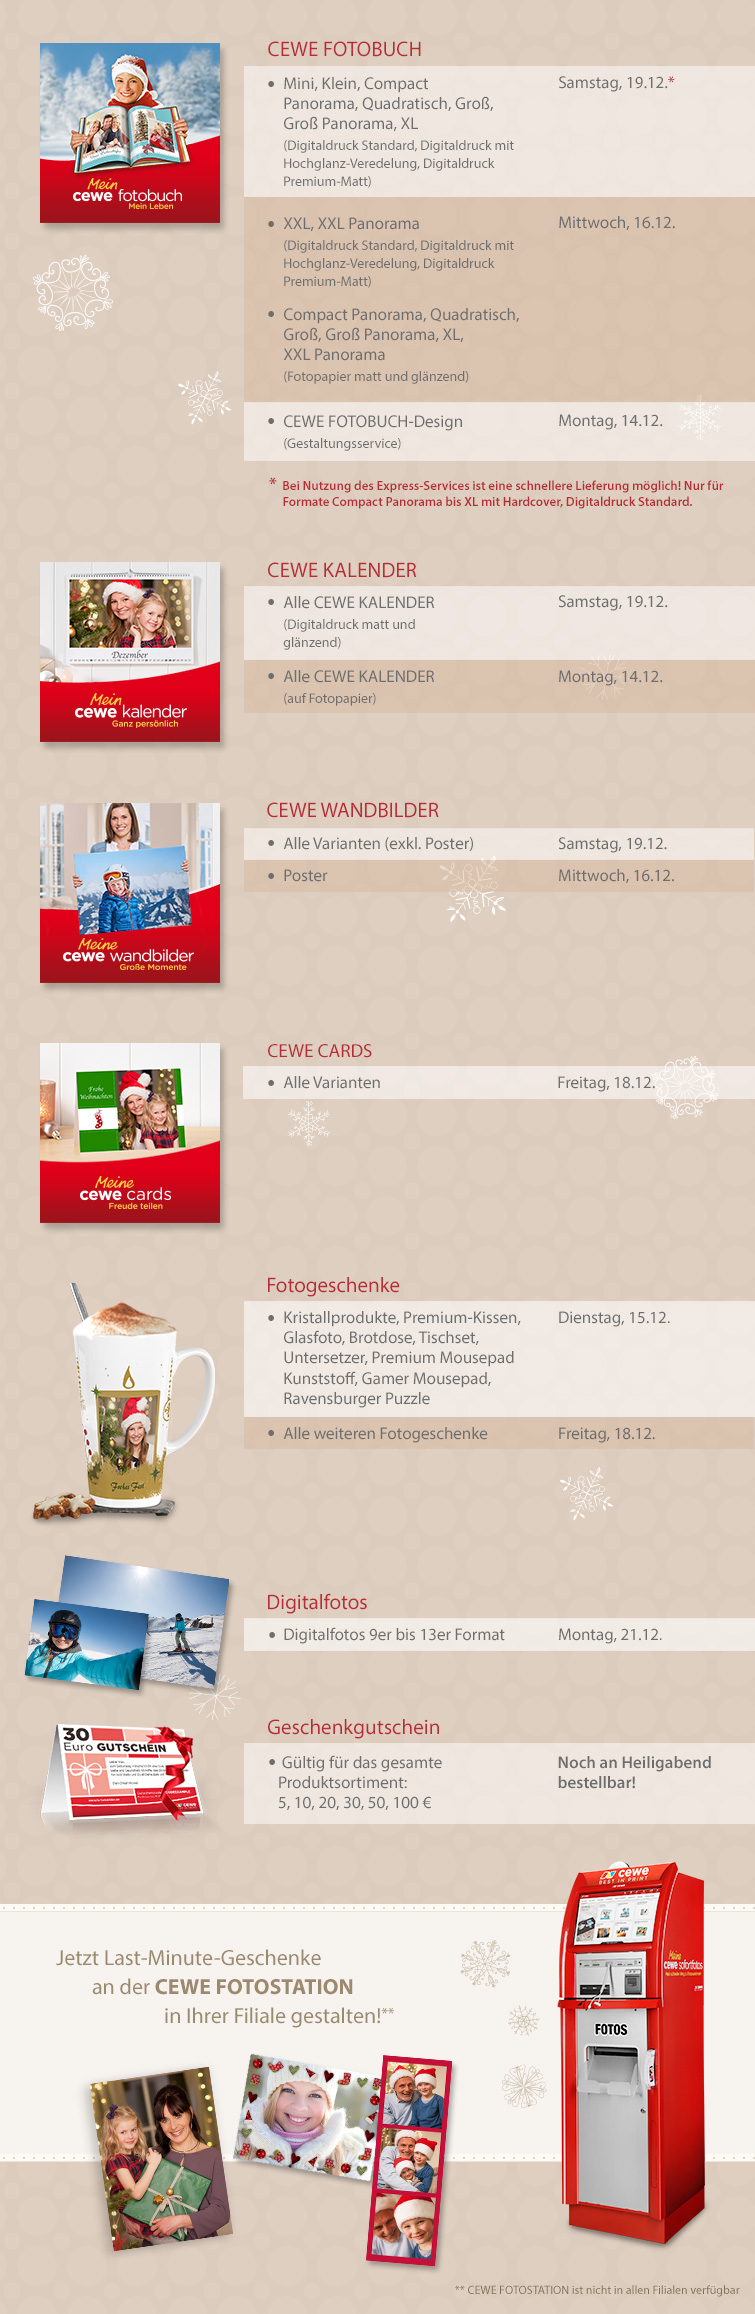 Unsere Bestellfristen zu Weihnachten